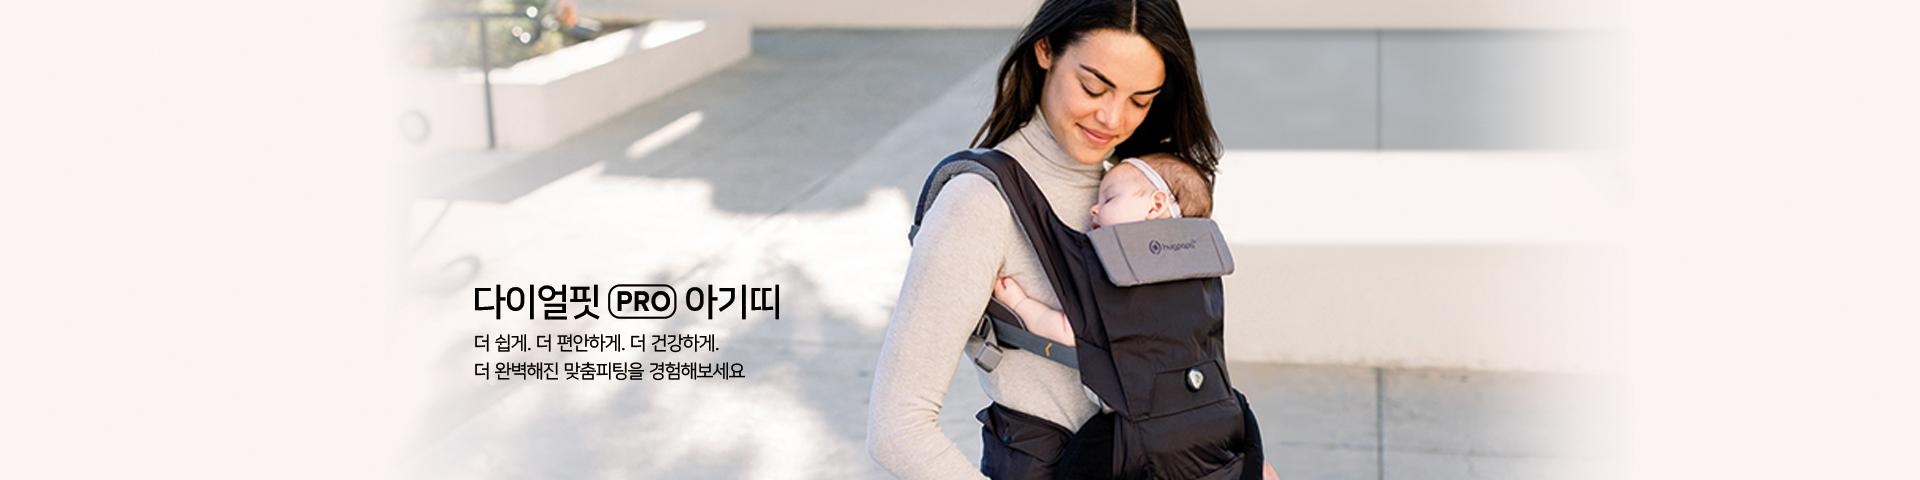 다이얼핏 PRO 올인원 아기띠 탄생. 더 쉽게, 더 편안하게. 궁극의 맞춤피팅을 경험해보세요.